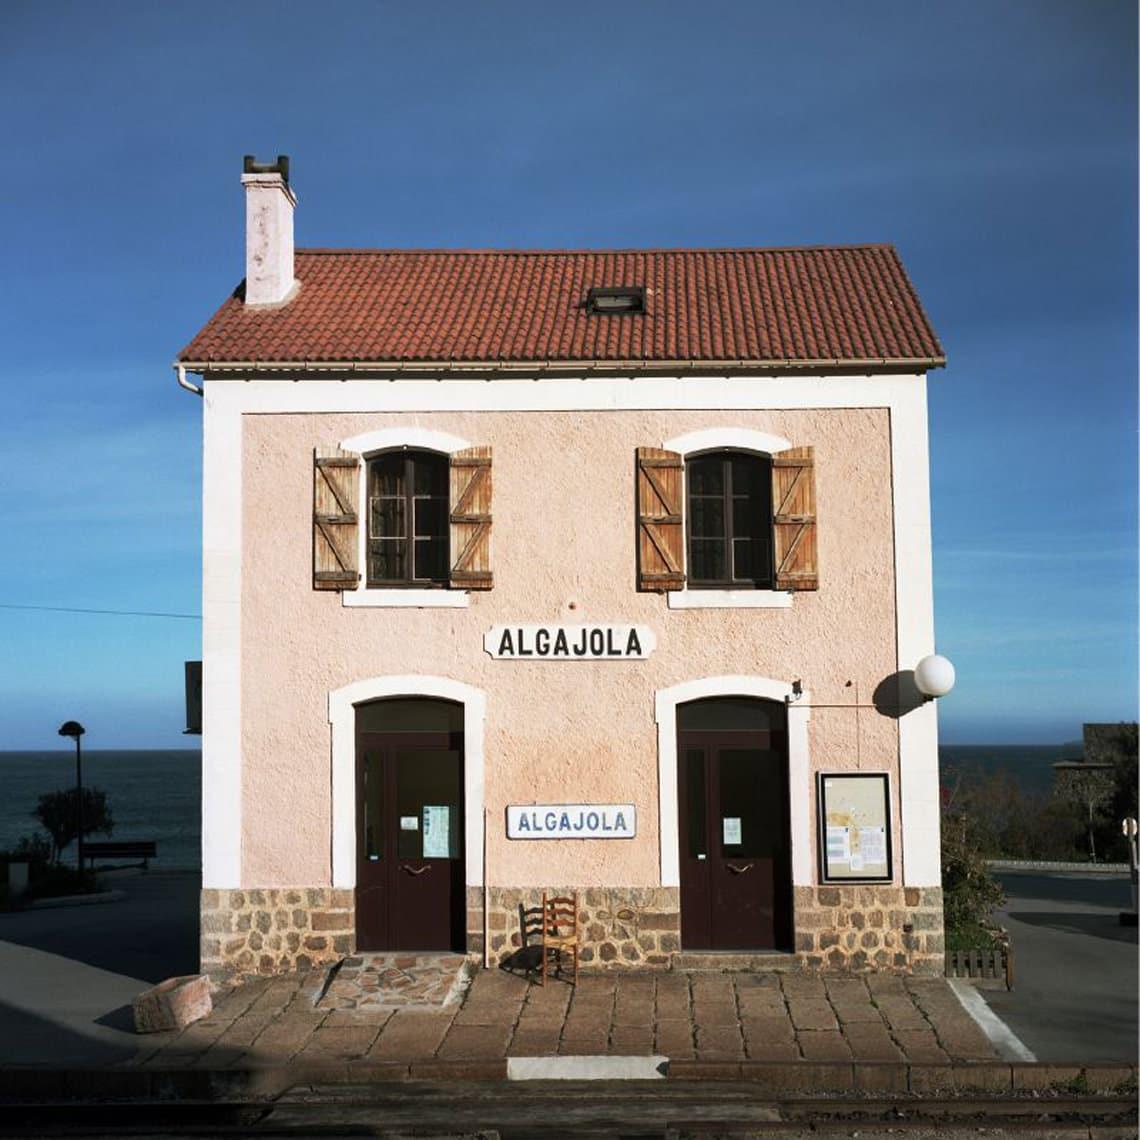 Algajola